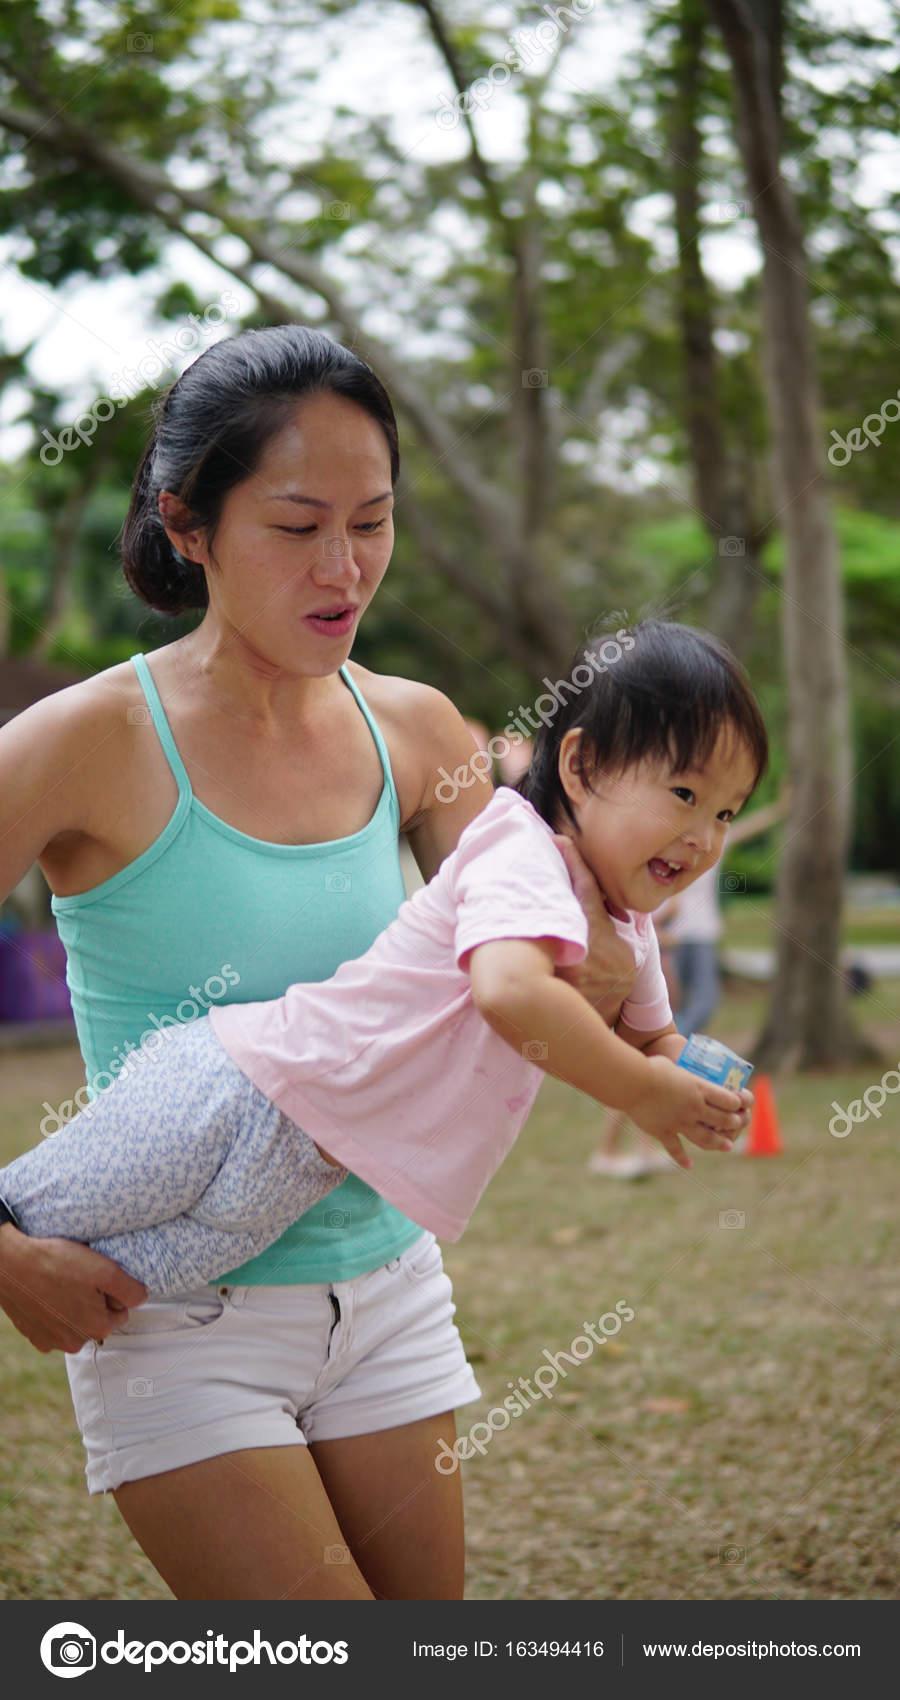 Mujer Asiatica Lleva A Nino Y Participar En Juegos Familiares Al